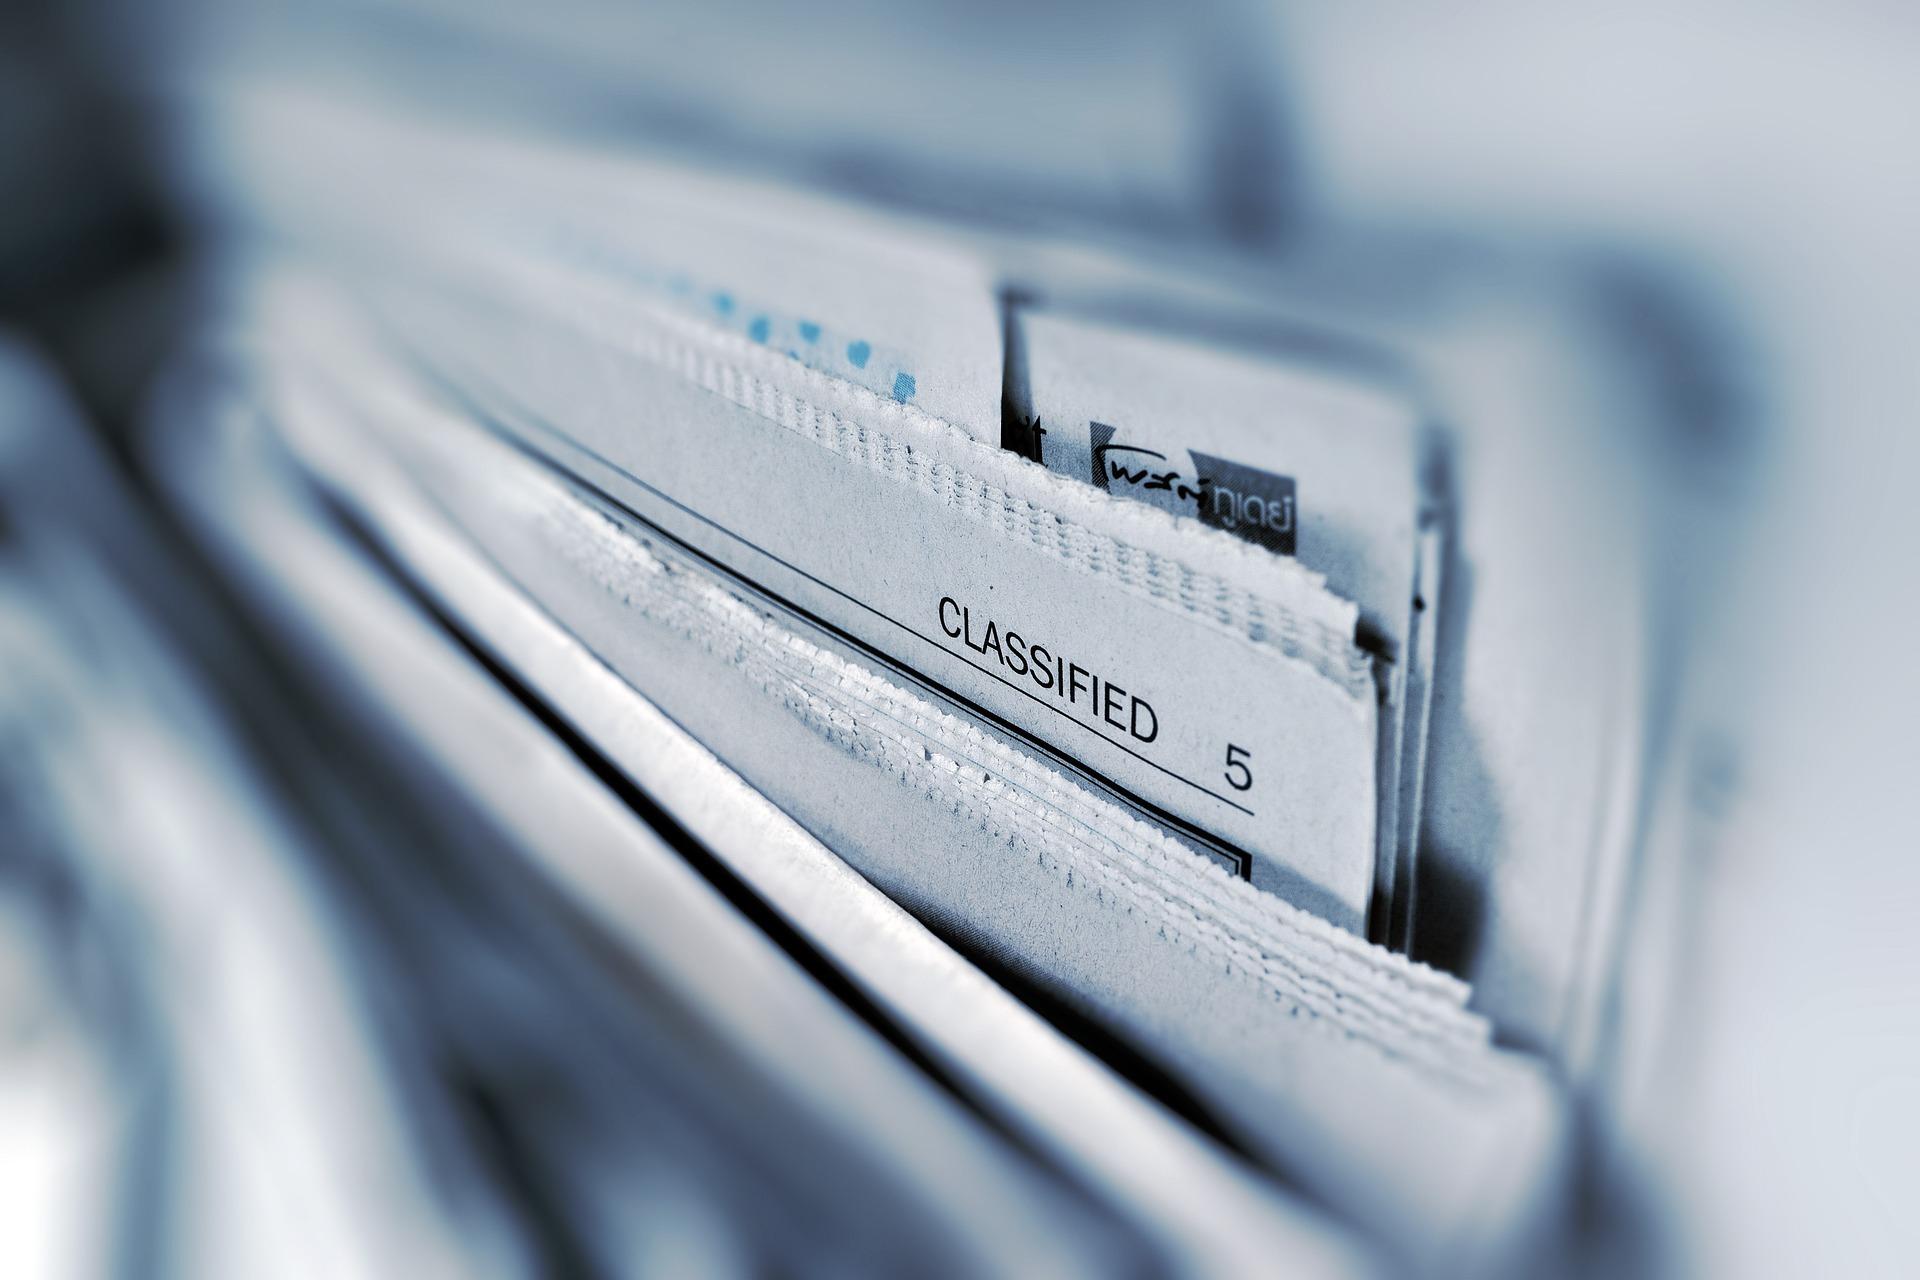 Datu un dokumentu iznīcināšanas pakalpojumi